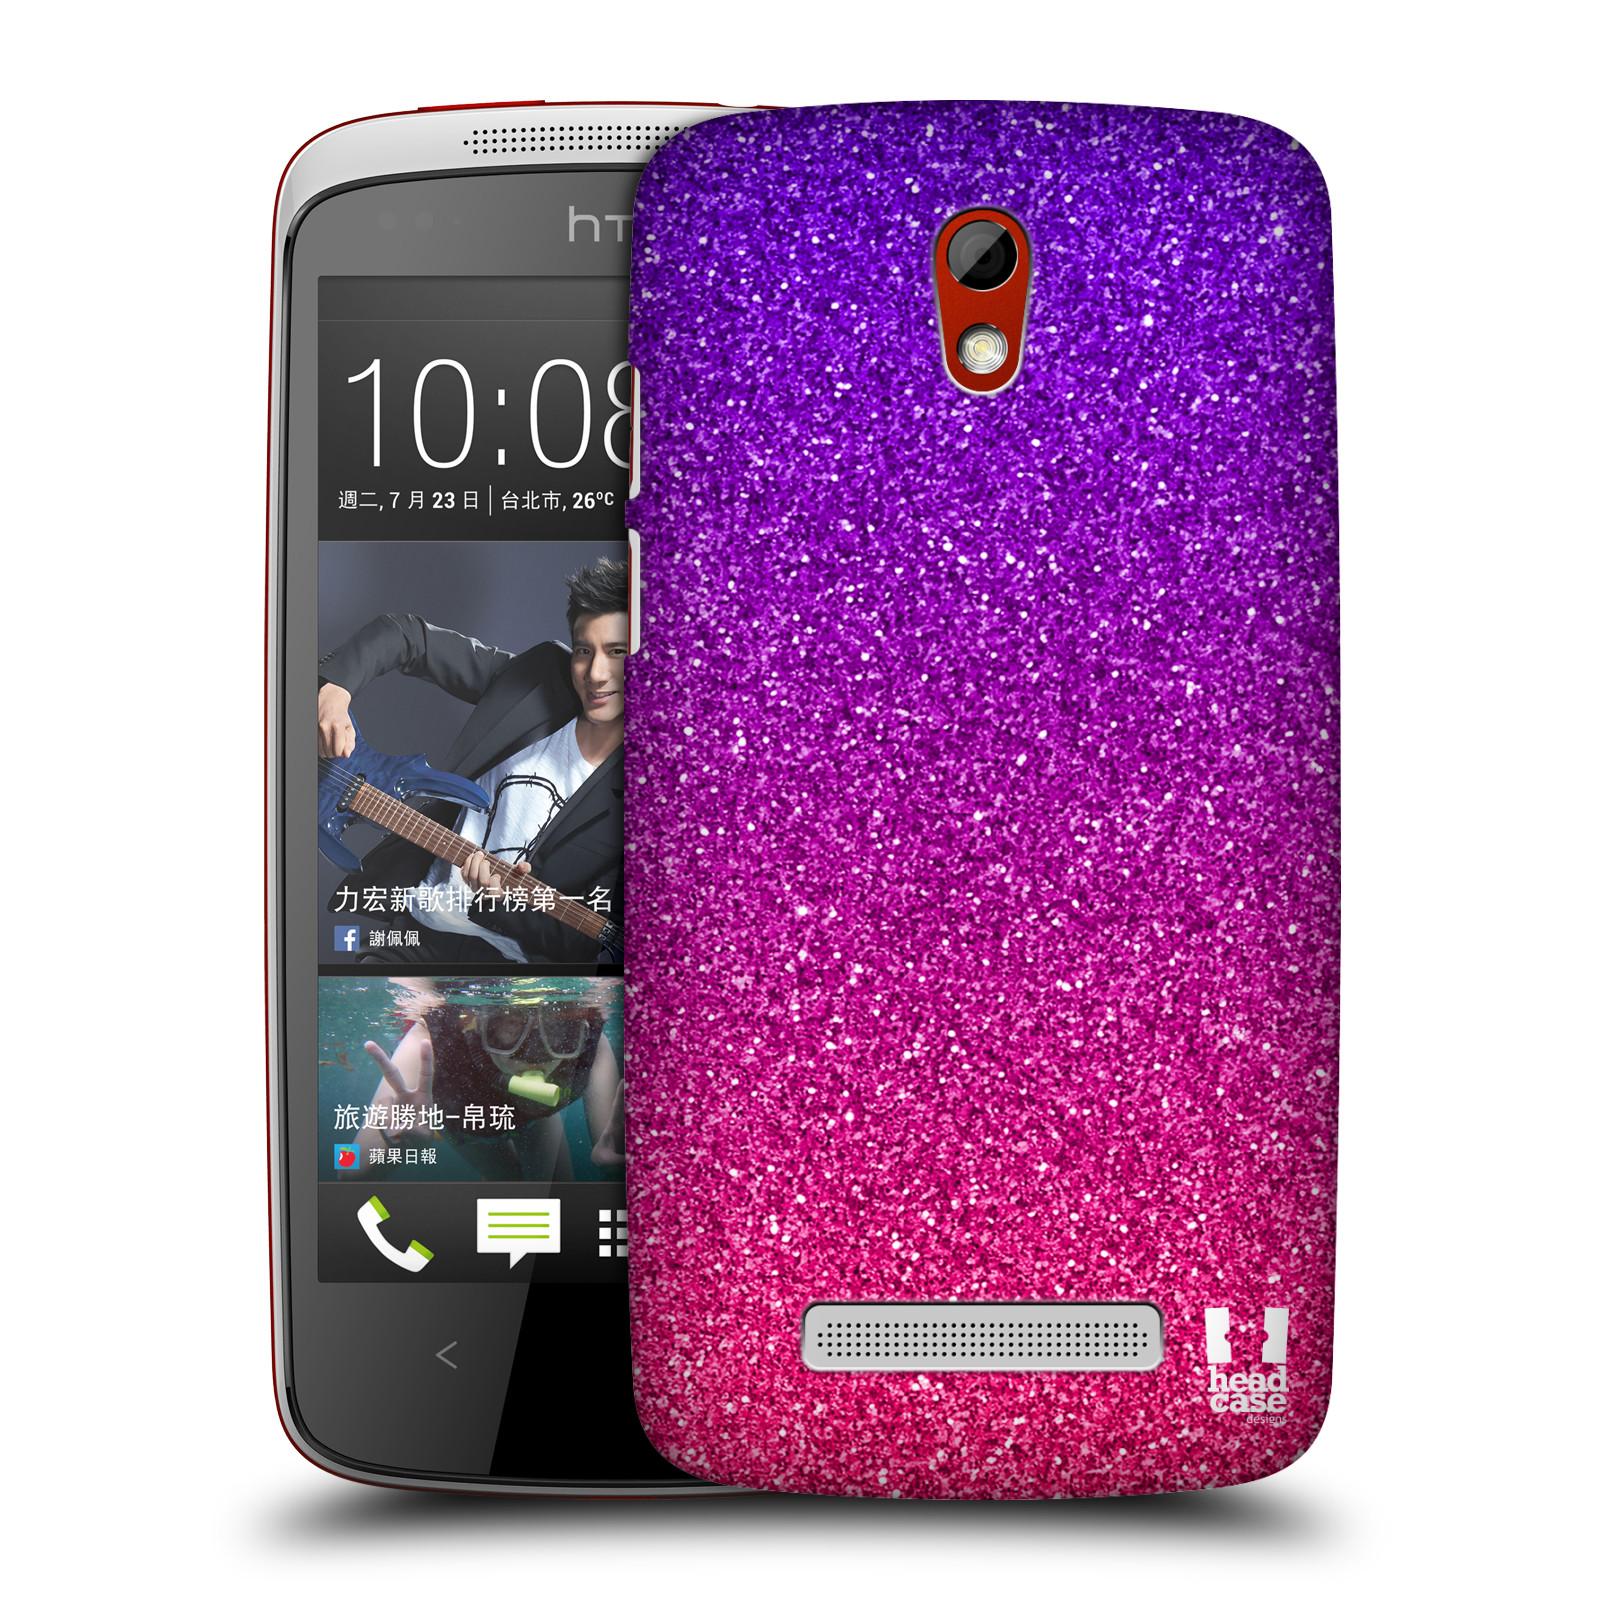 Plastové pouzdro na mobil HTC Desire 500 HEAD CASE MIX PINK (Kryt či obal na mobilní telefon HTC Desire 500)